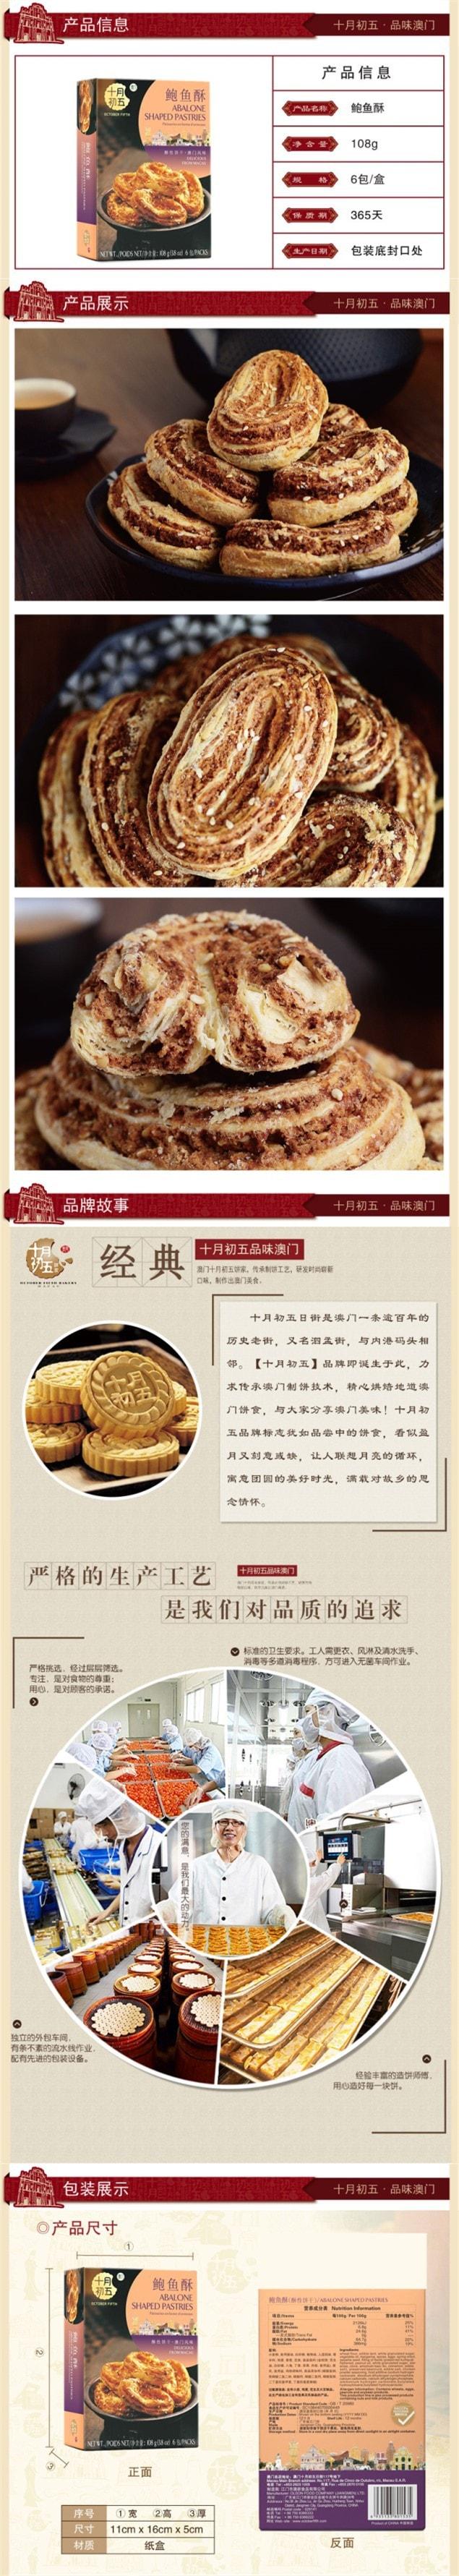 【中国直邮】澳门十月初五 鲍鱼酥 108g